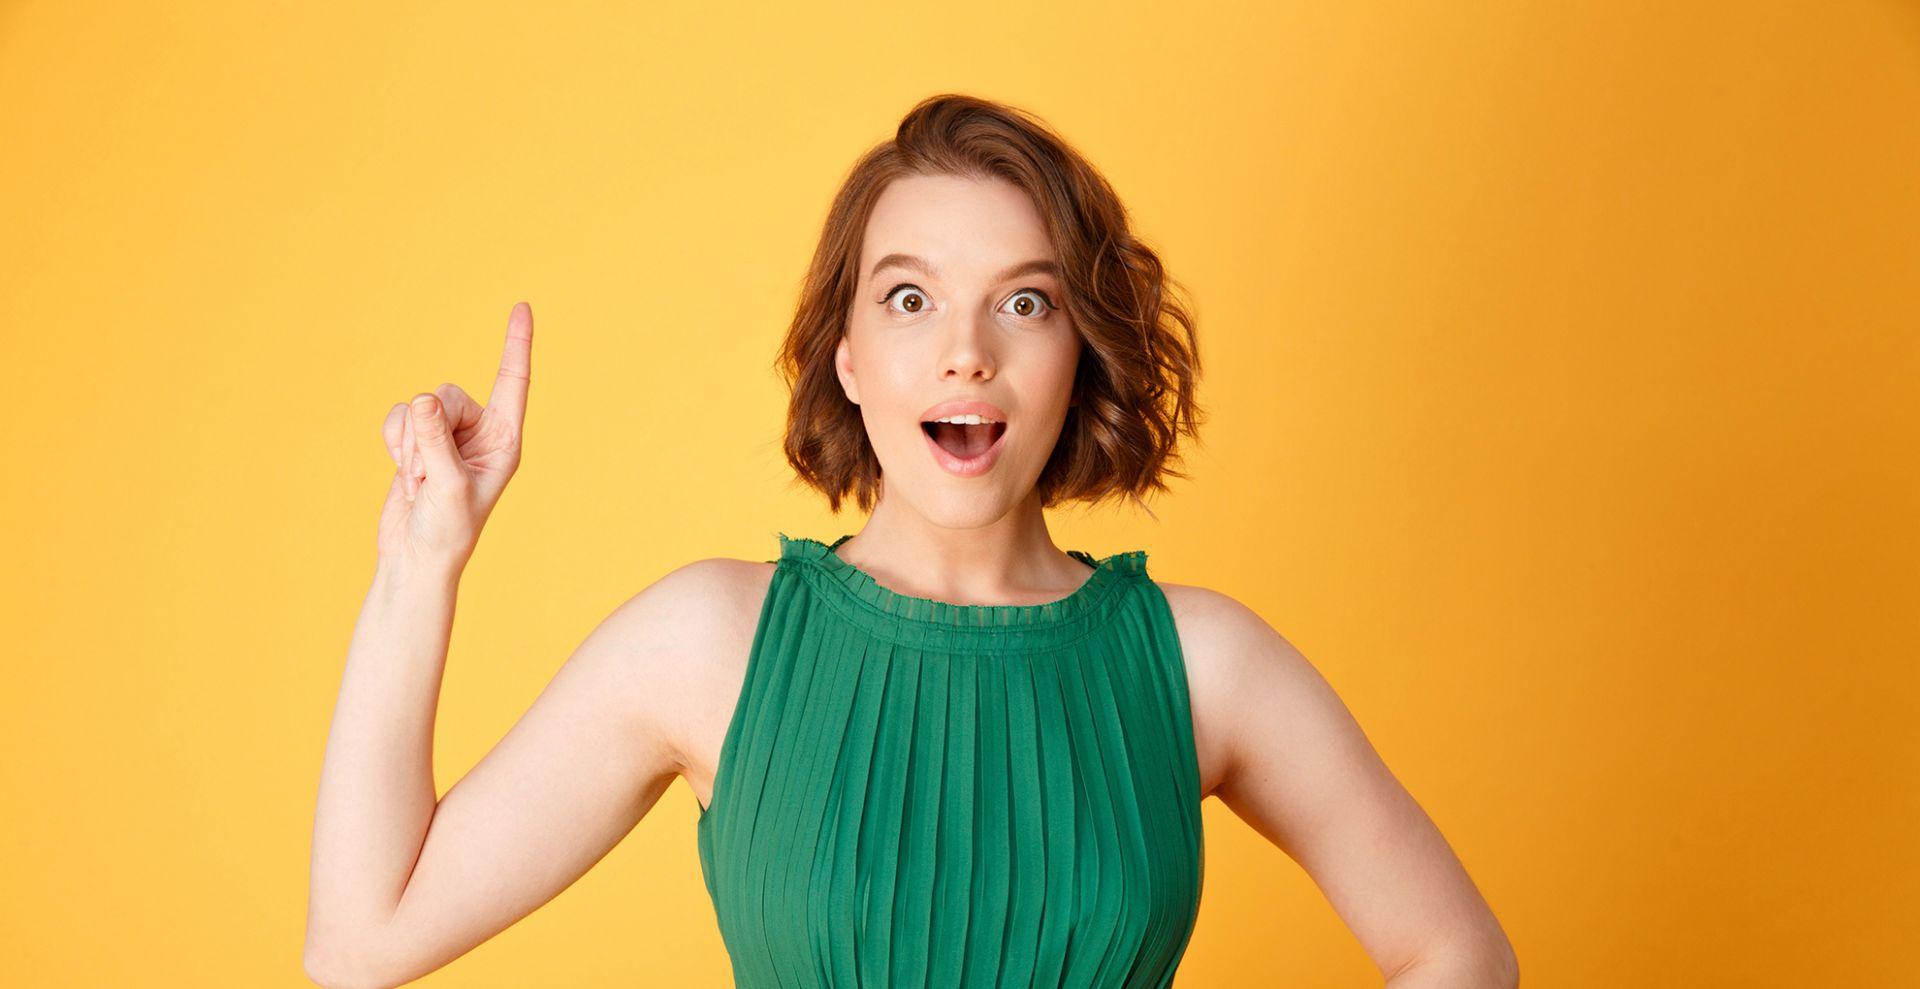 nainen vihreässä mekossa seisoo sormi pystyssä koska on saanut idean